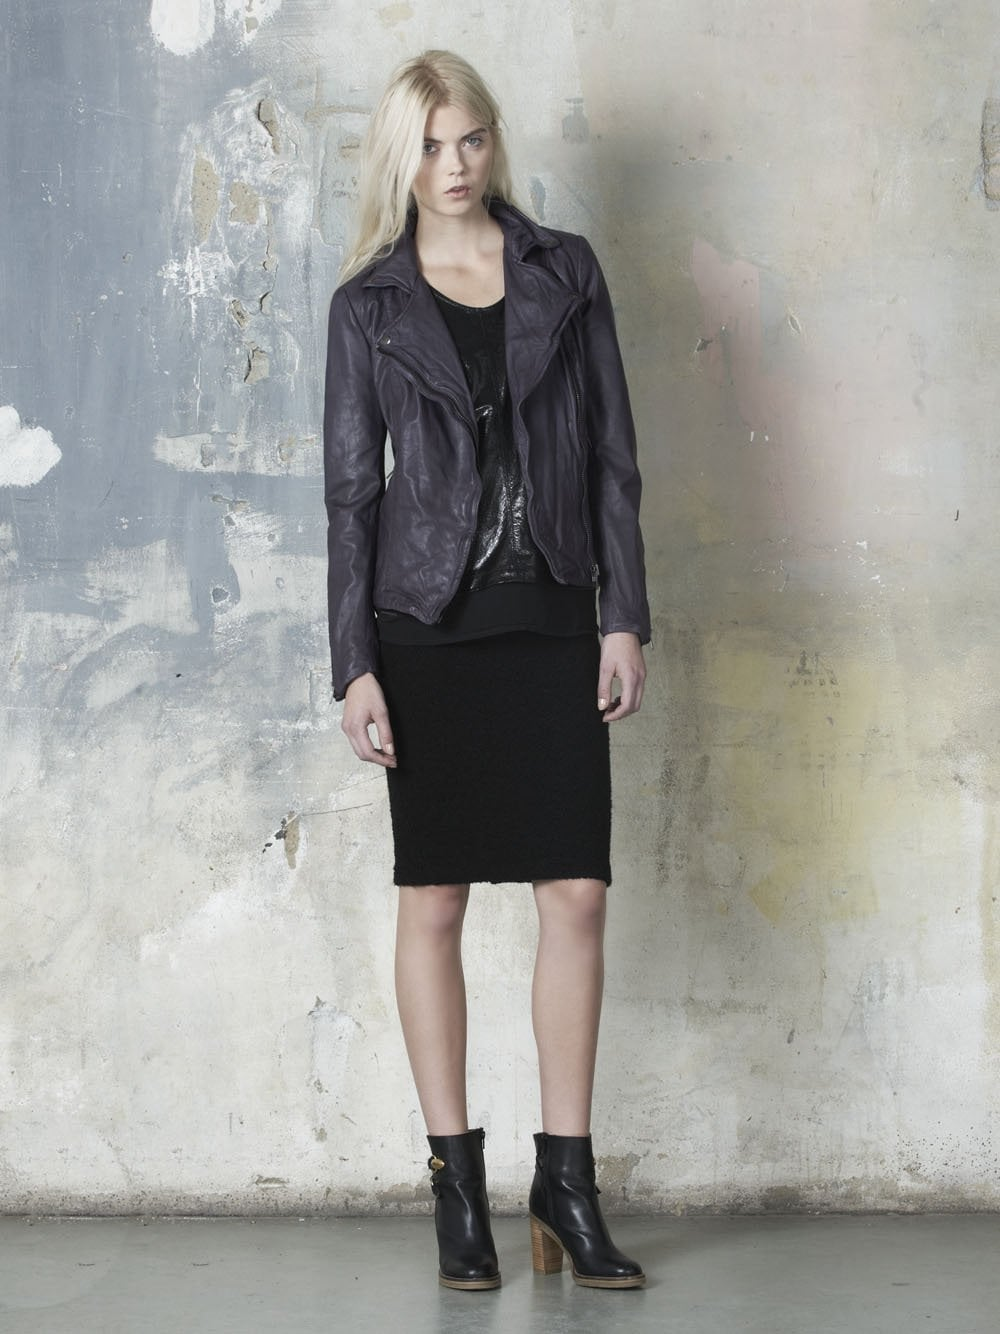 Moto Pola Leather In Jacket Plum CxBerdoW